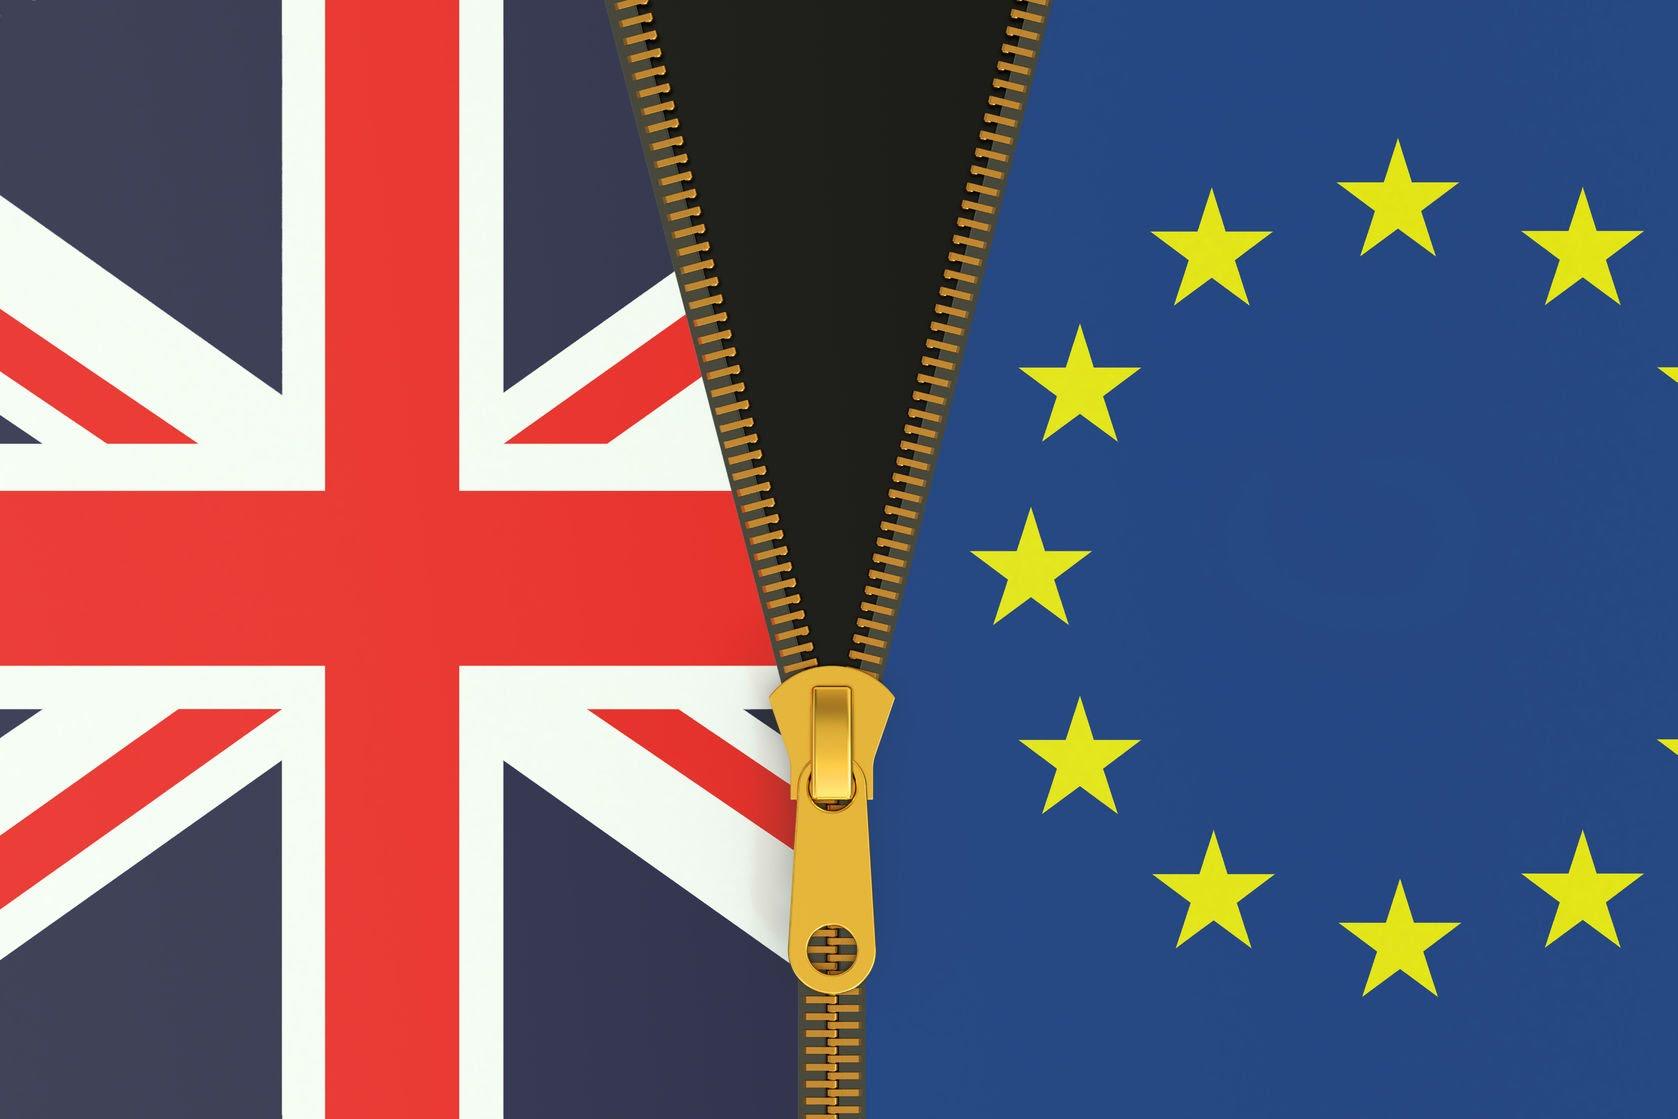 europai unio kivalas